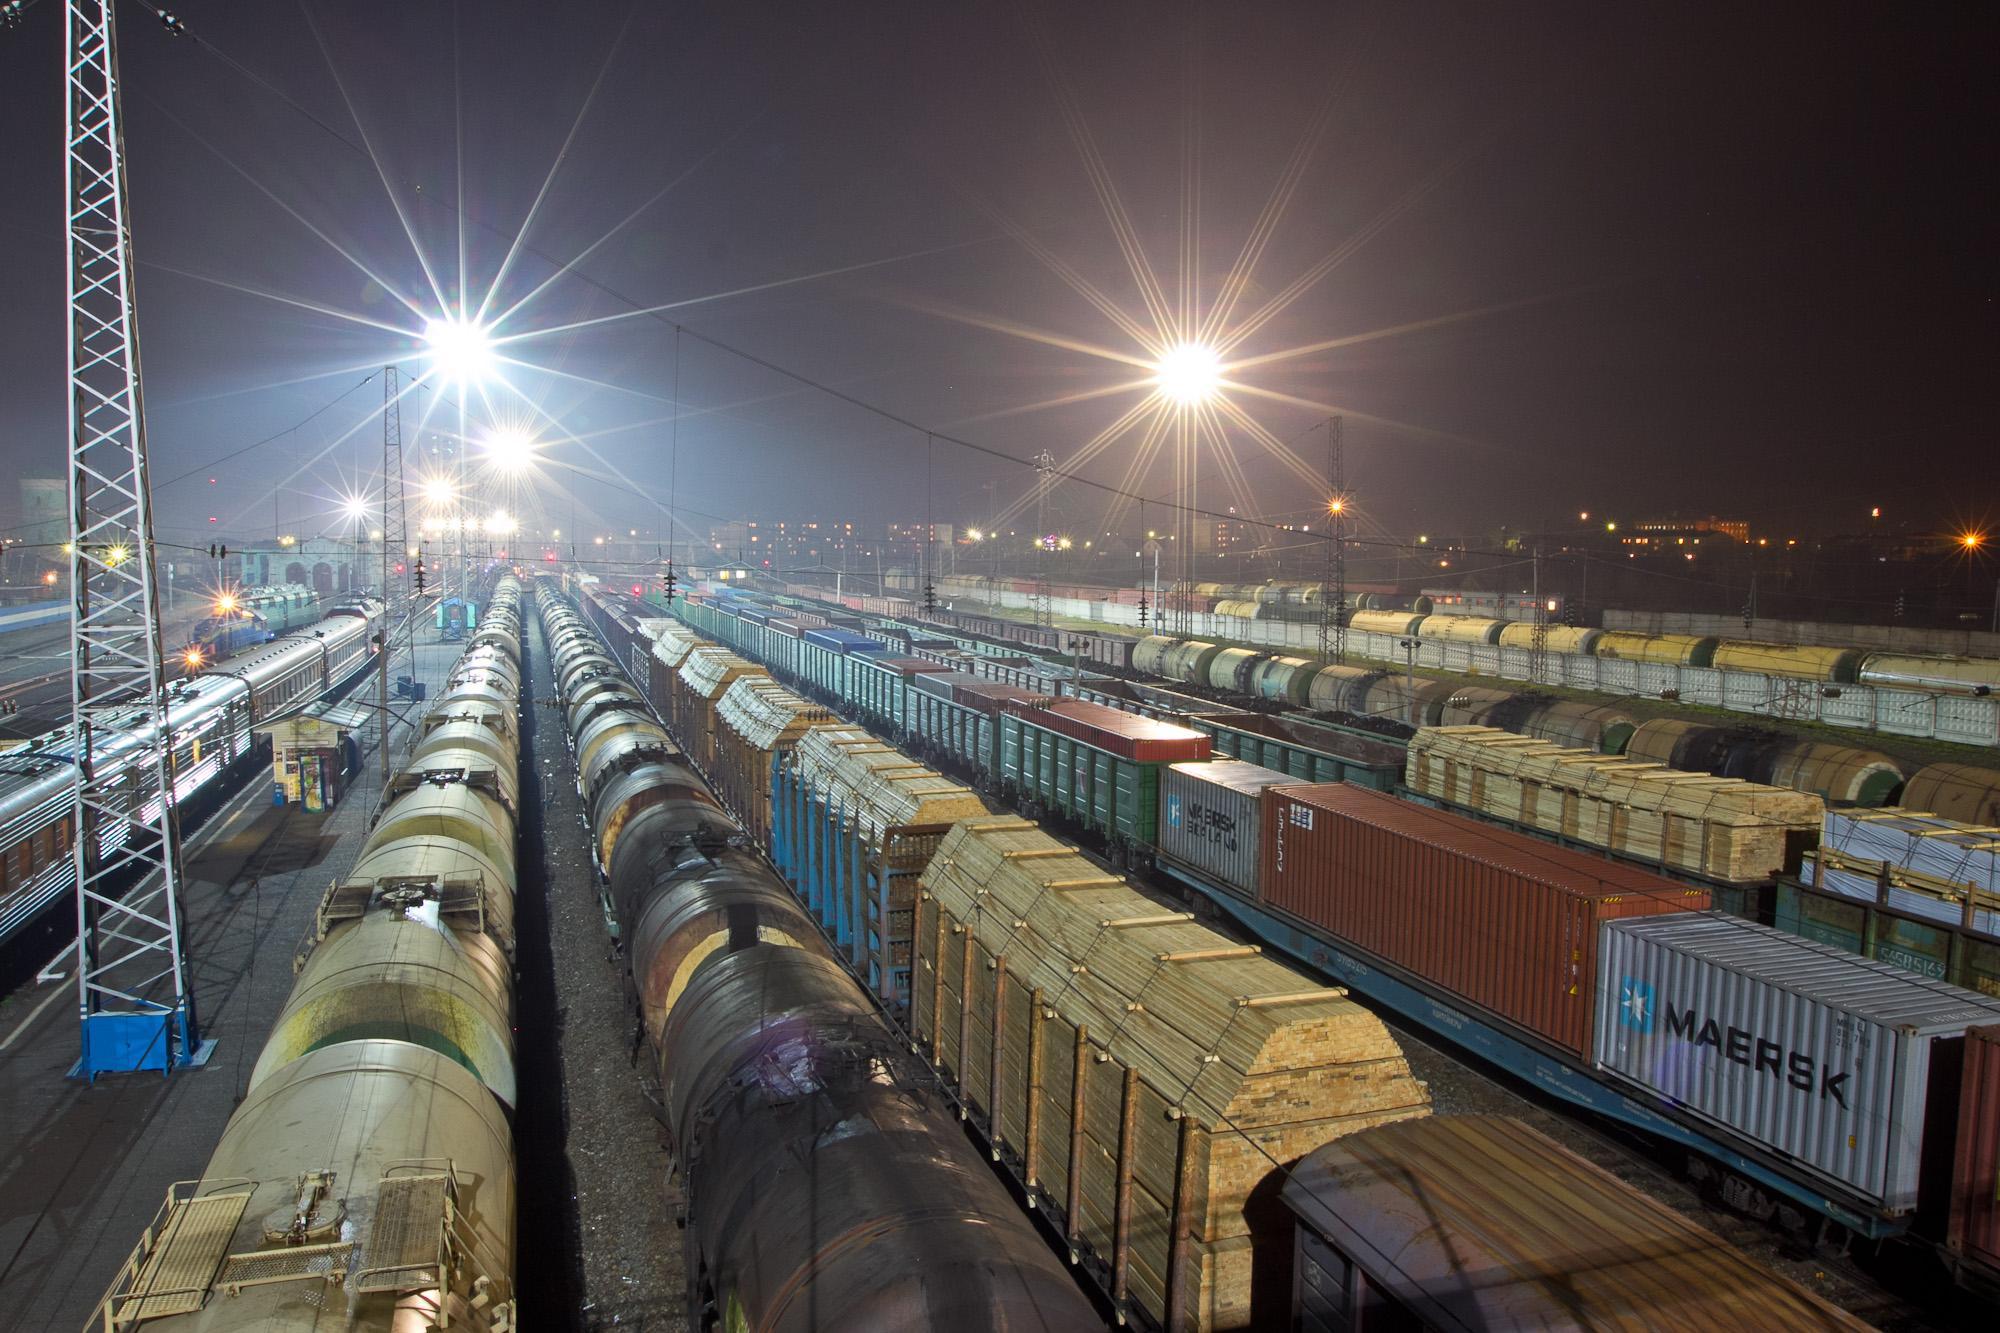 Казахстан через Грузинскую железную дорогу будет транспортировать 600 тыс. т грузов в год